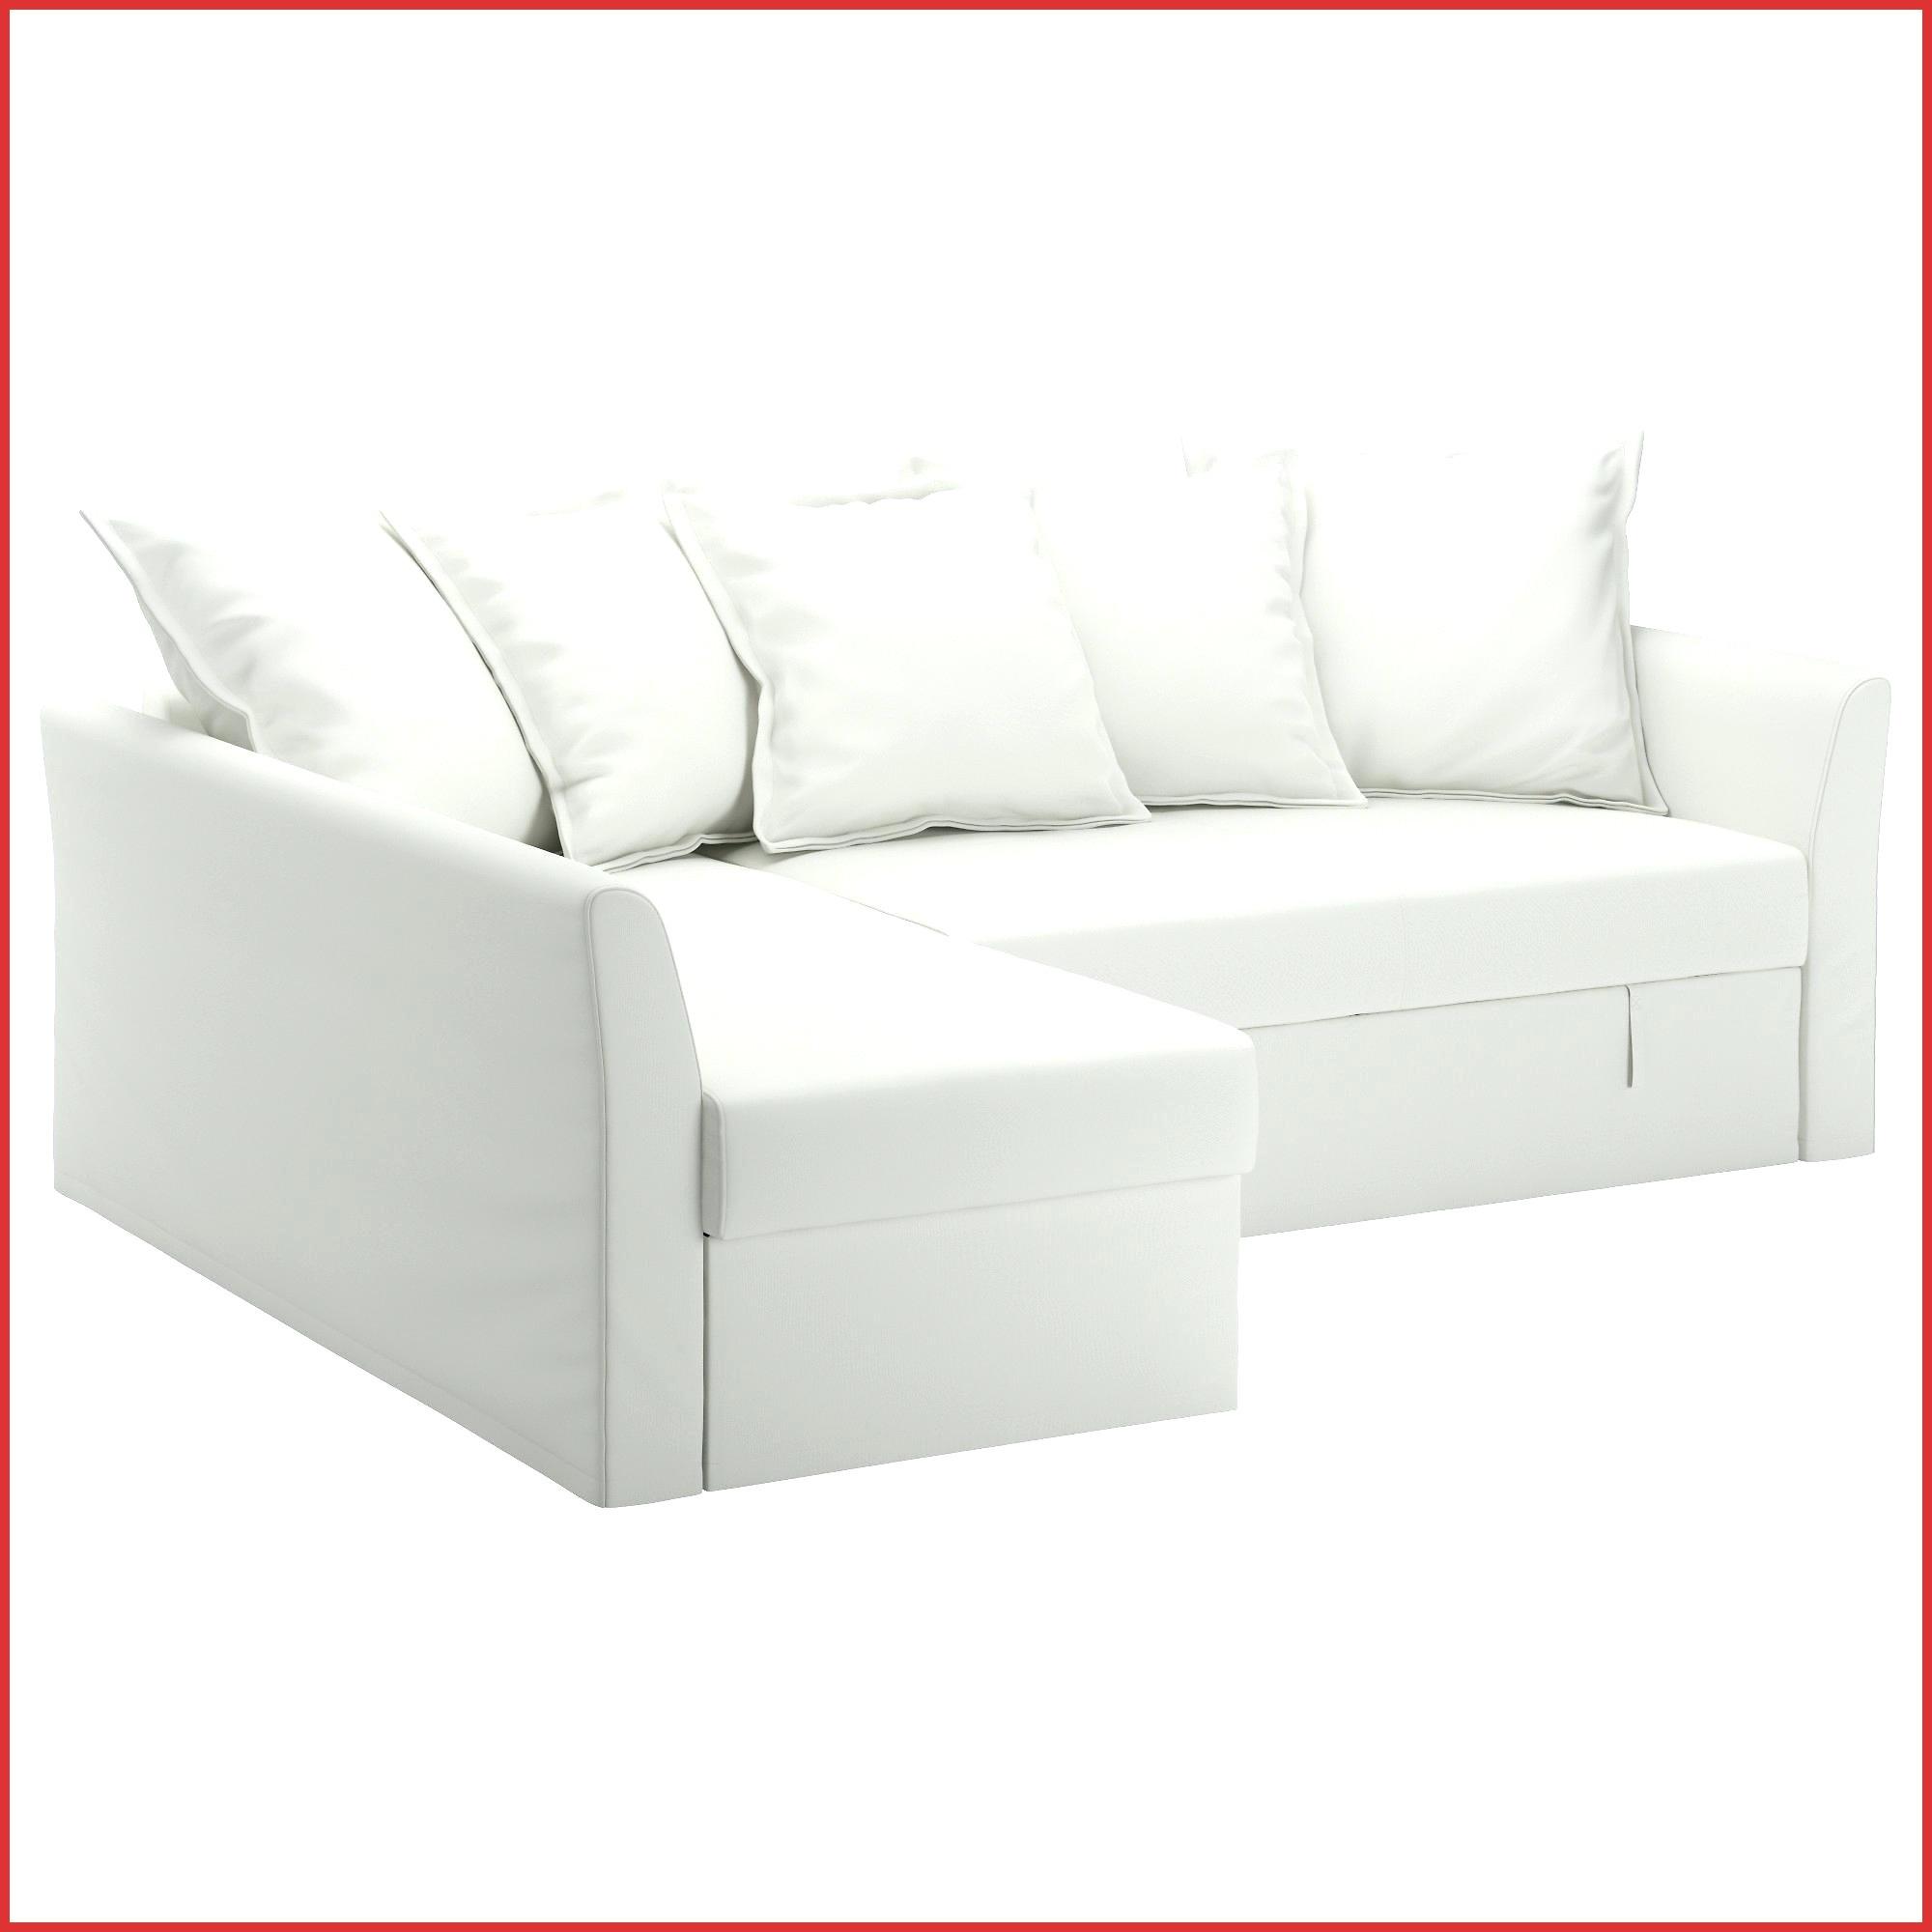 Canapé Clic Clac Conforama Beau Stock Housse Canape Bz Nouveau Canap Convertible but 3 Places Canape